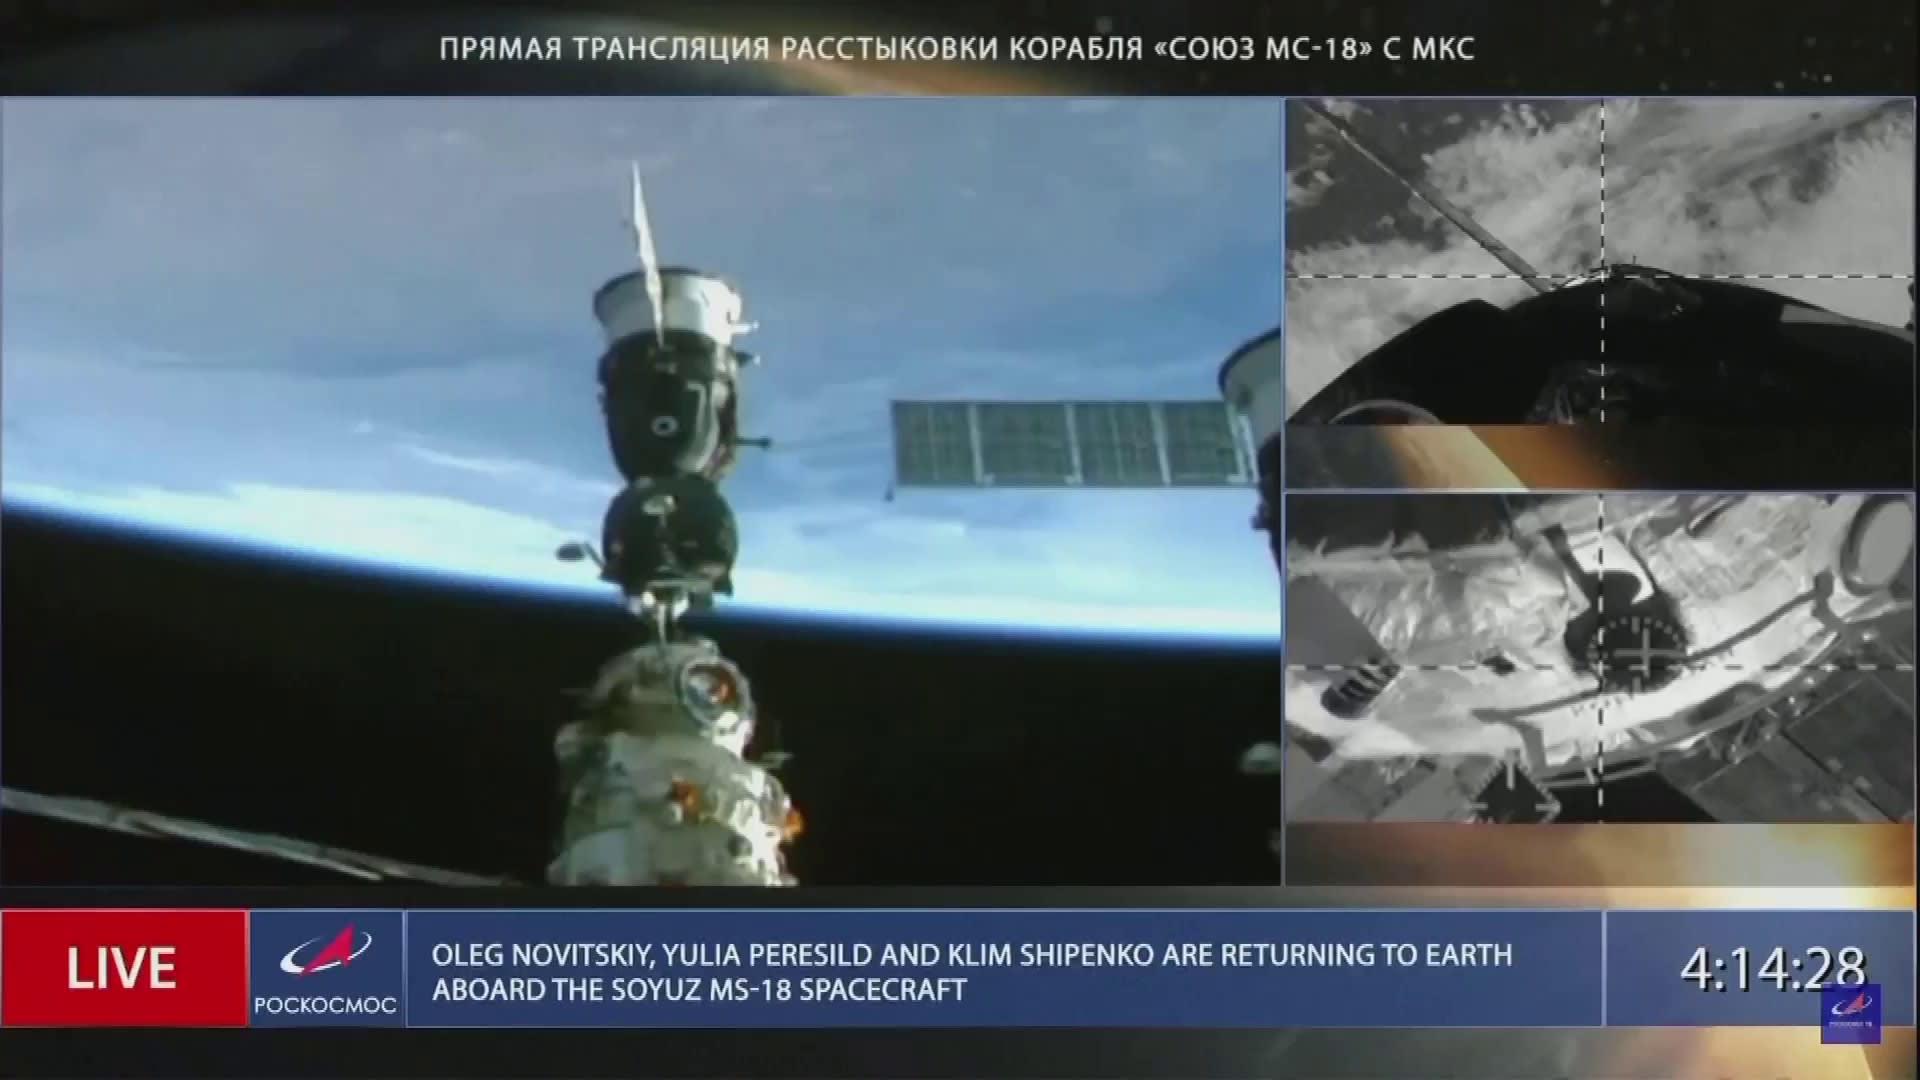 Venäläinen Sojuz MS-18 -avaruusalus toi elokuvan tekijät takaisin maahan